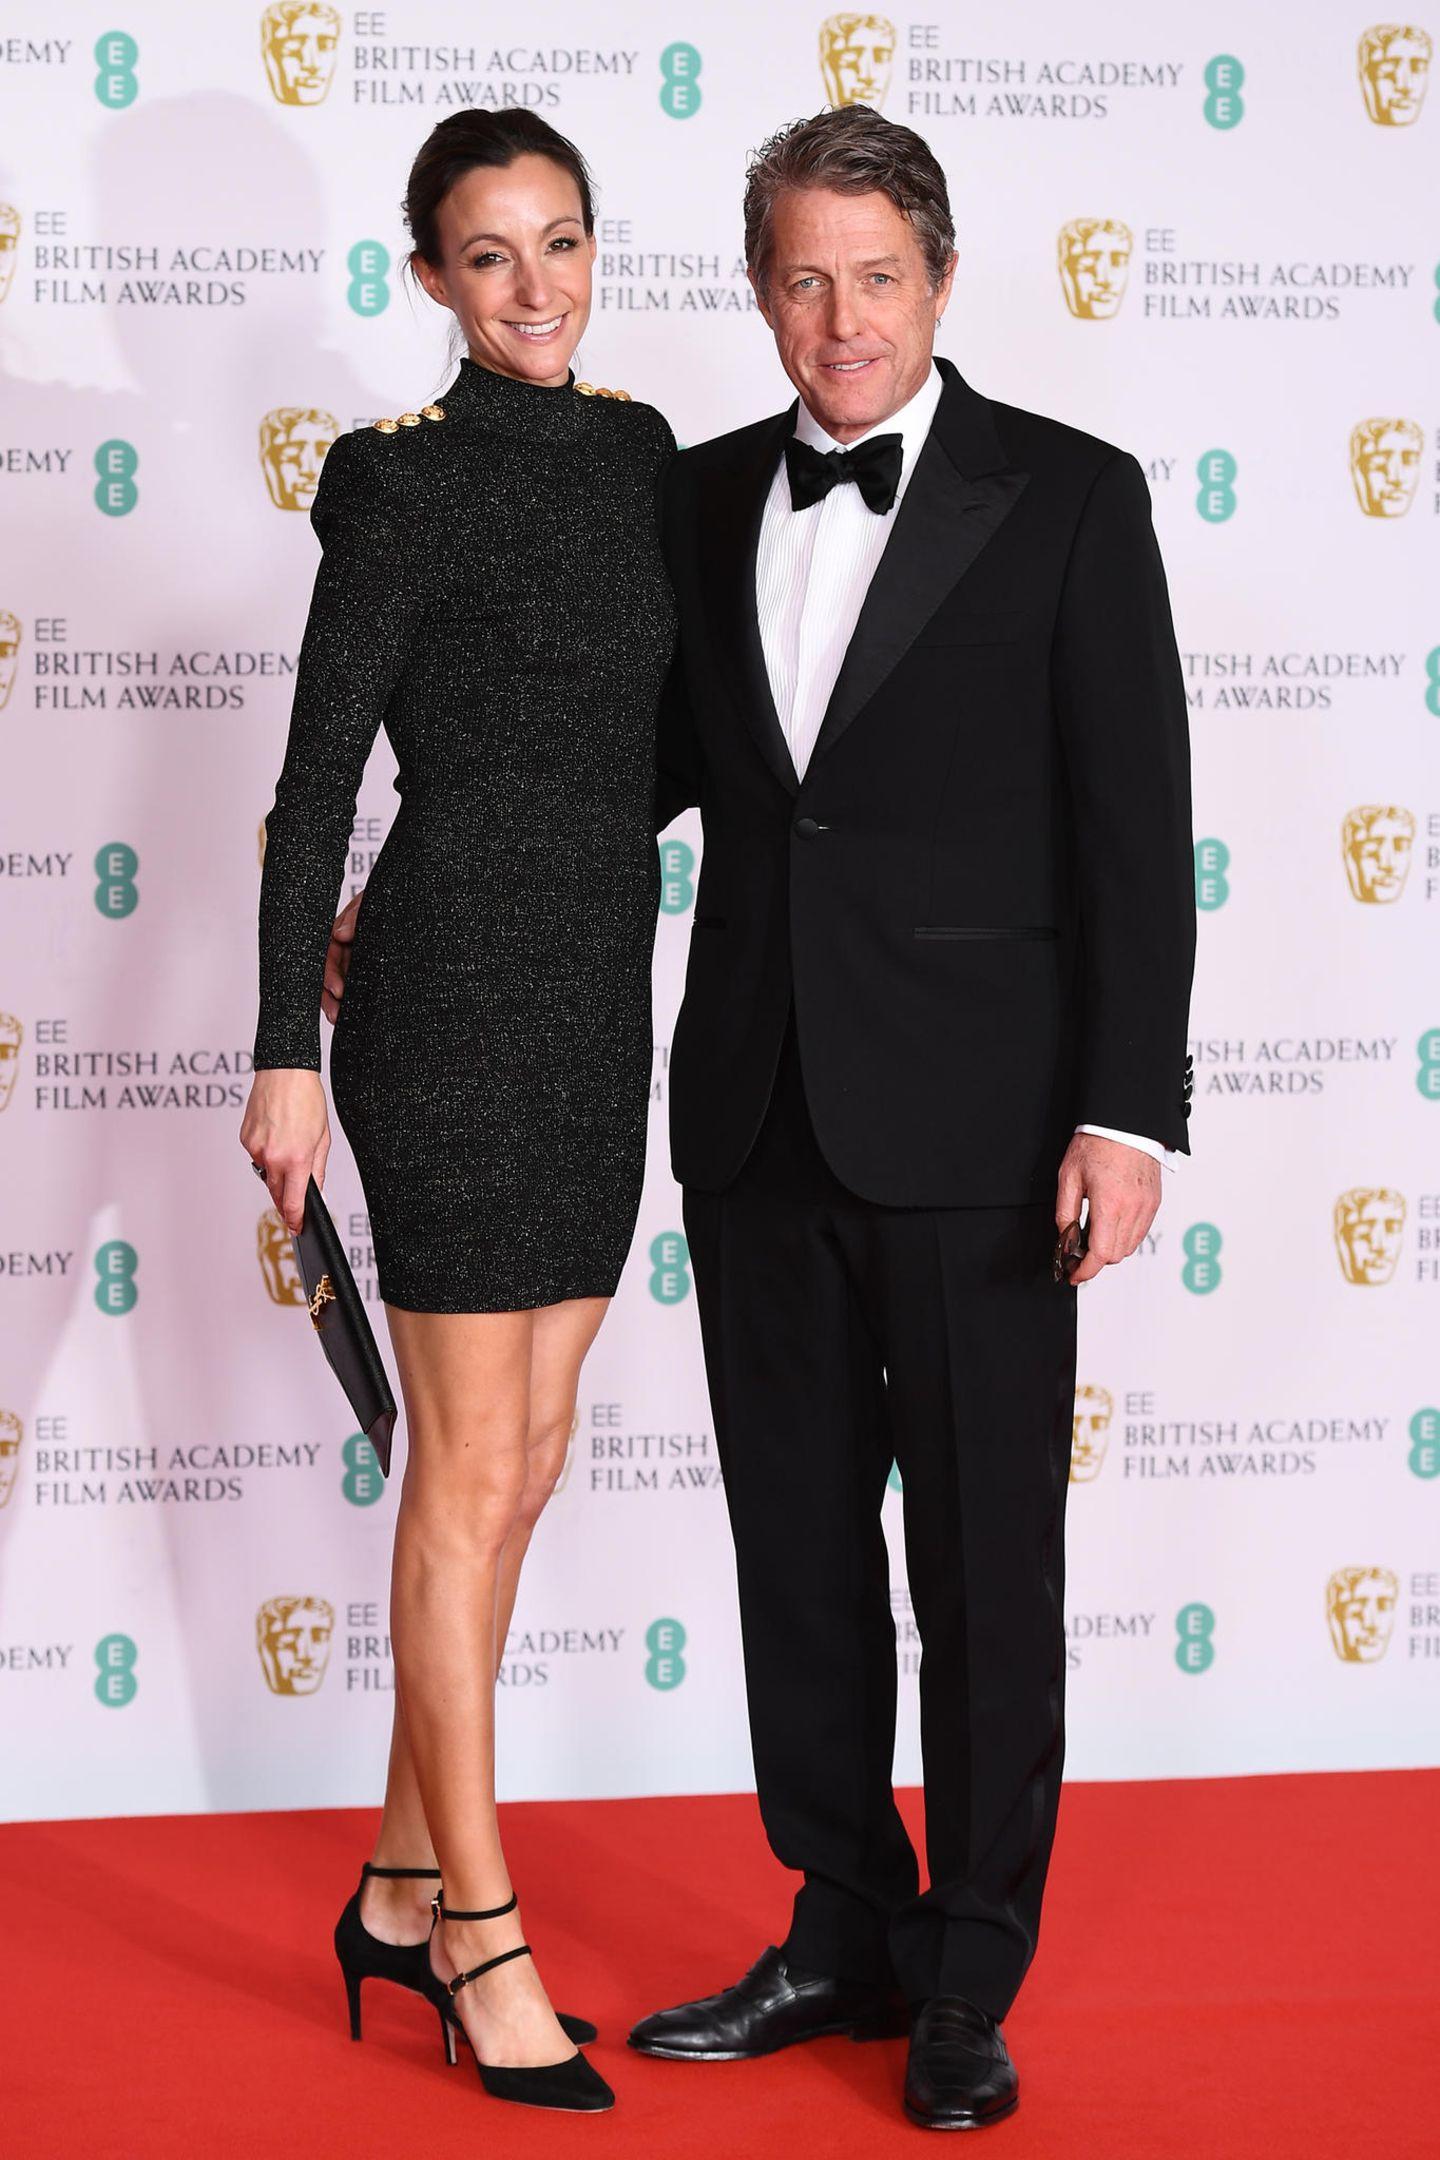 Hugh Grant und seineFrauAnna Elisabet Eberstein haben sich gegen auffällige Farben und für einen eleganten Look in Schwarz entschieden.